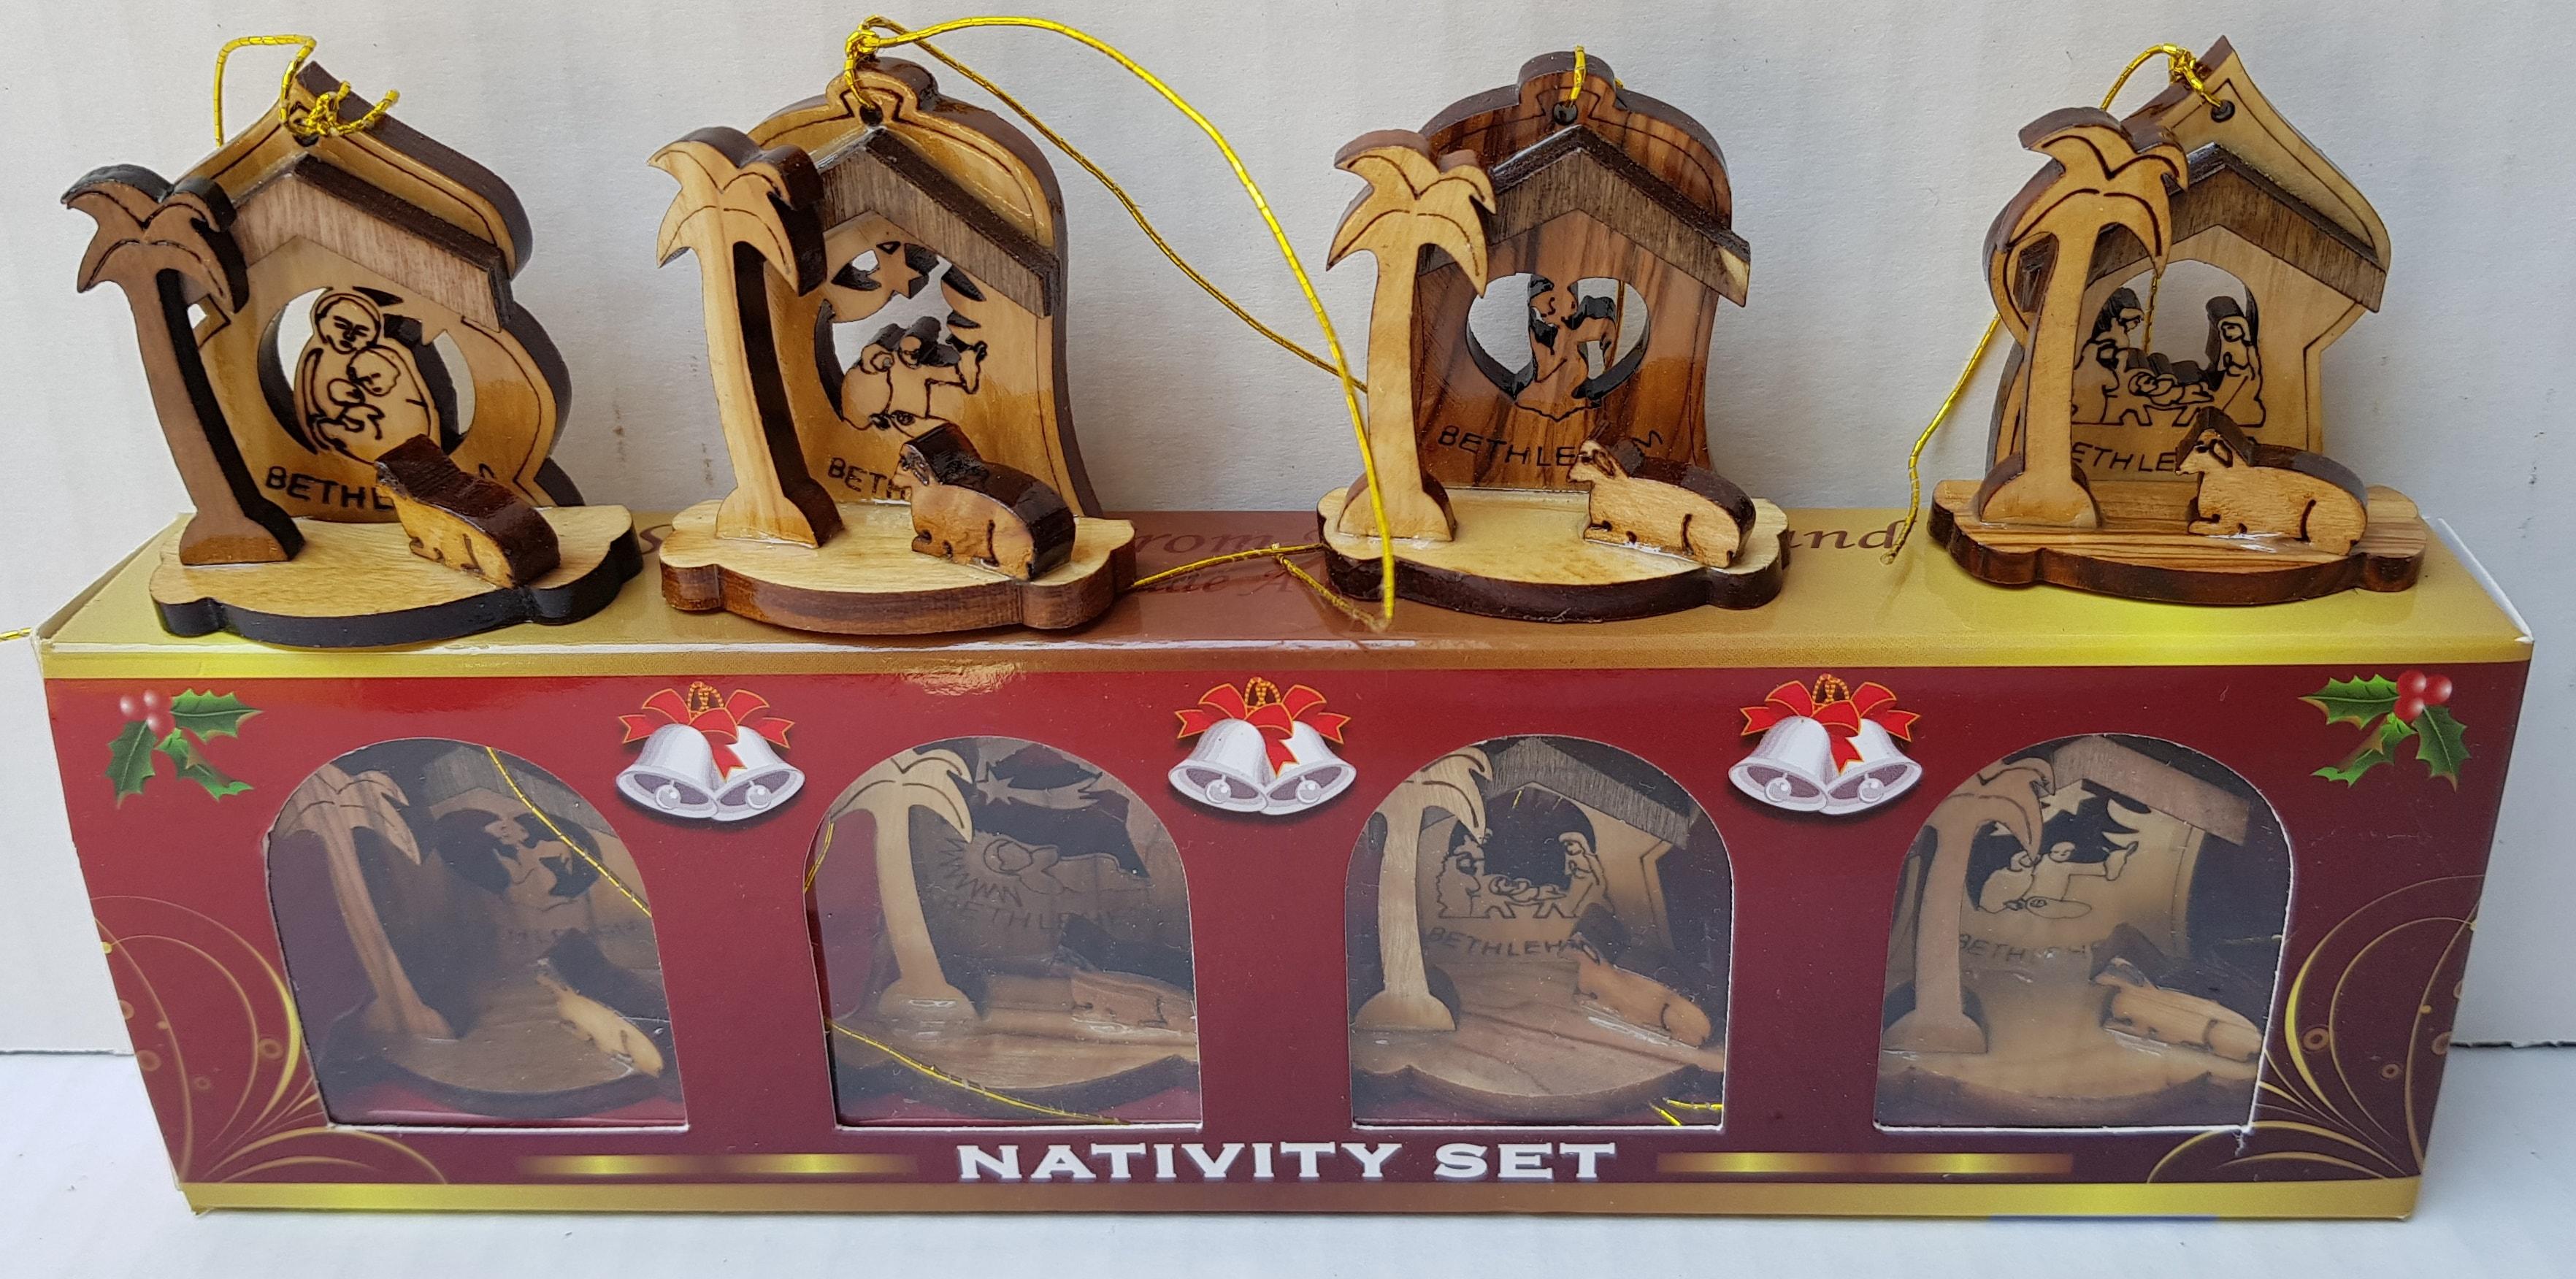 Bulk Wholesale Gifts .:. Holy Land Treasures USA .:. Bulk Wholesale ...